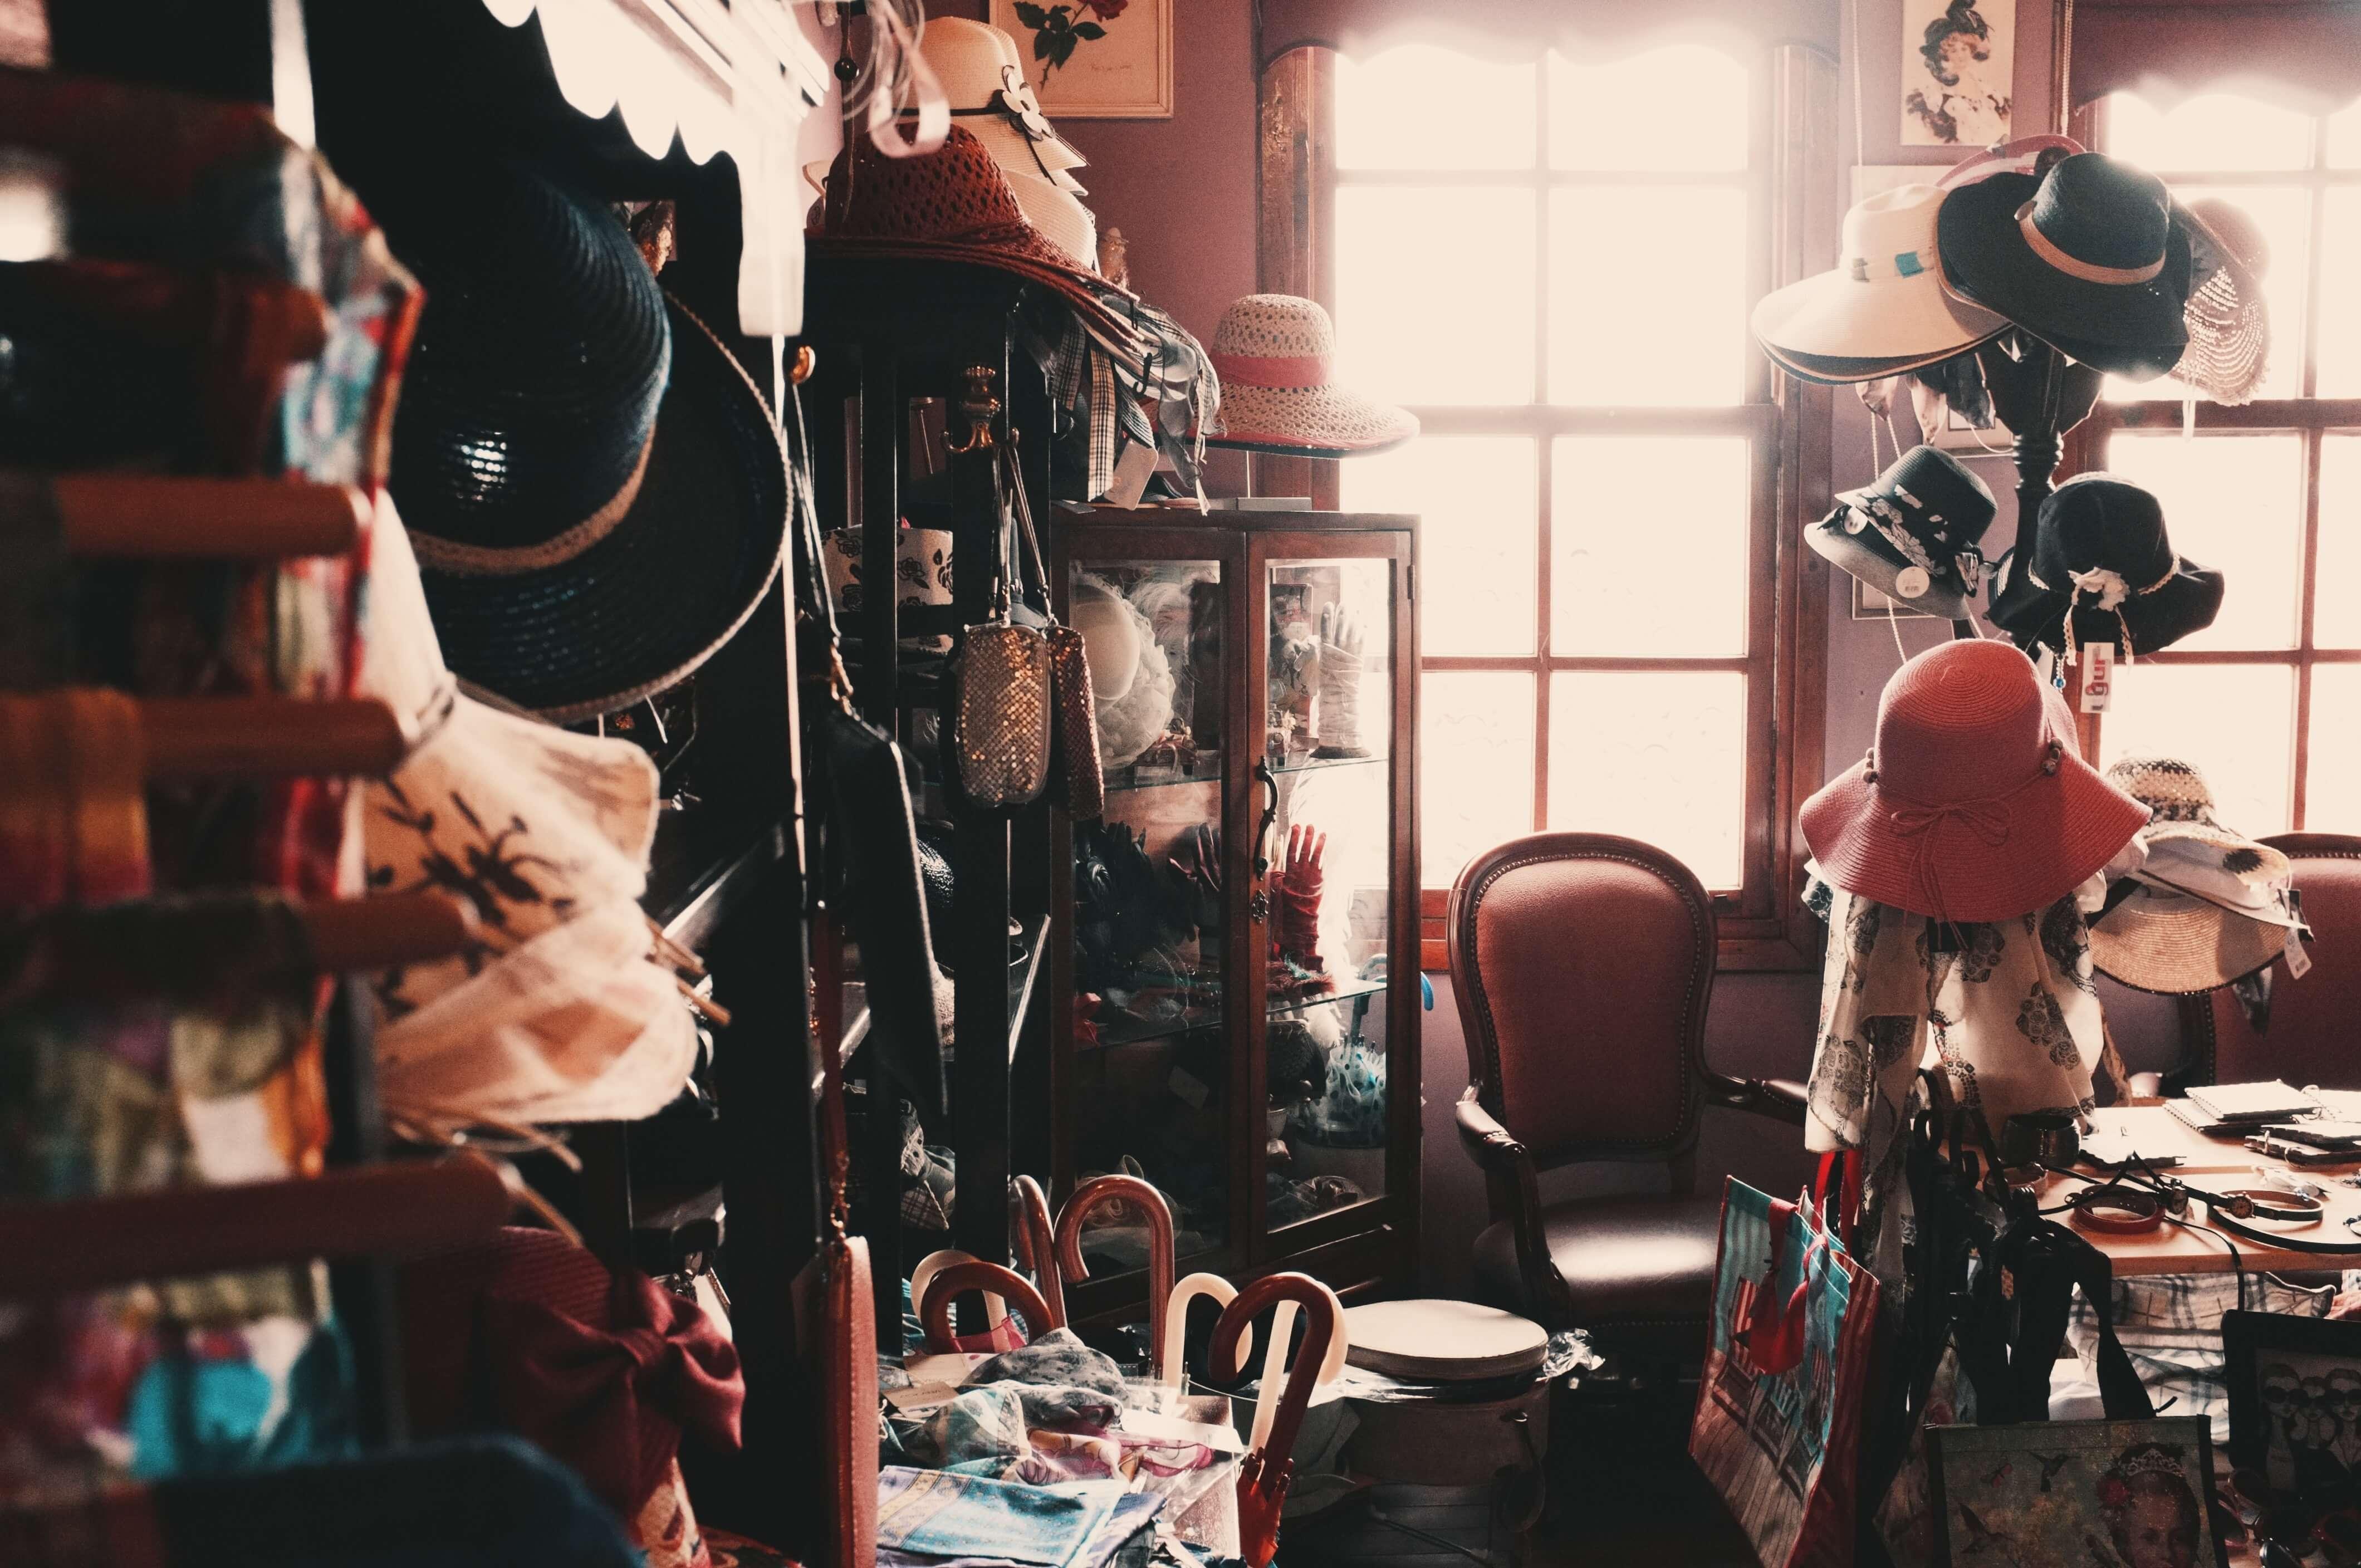 расхламление дома - это избавление от наших страхов